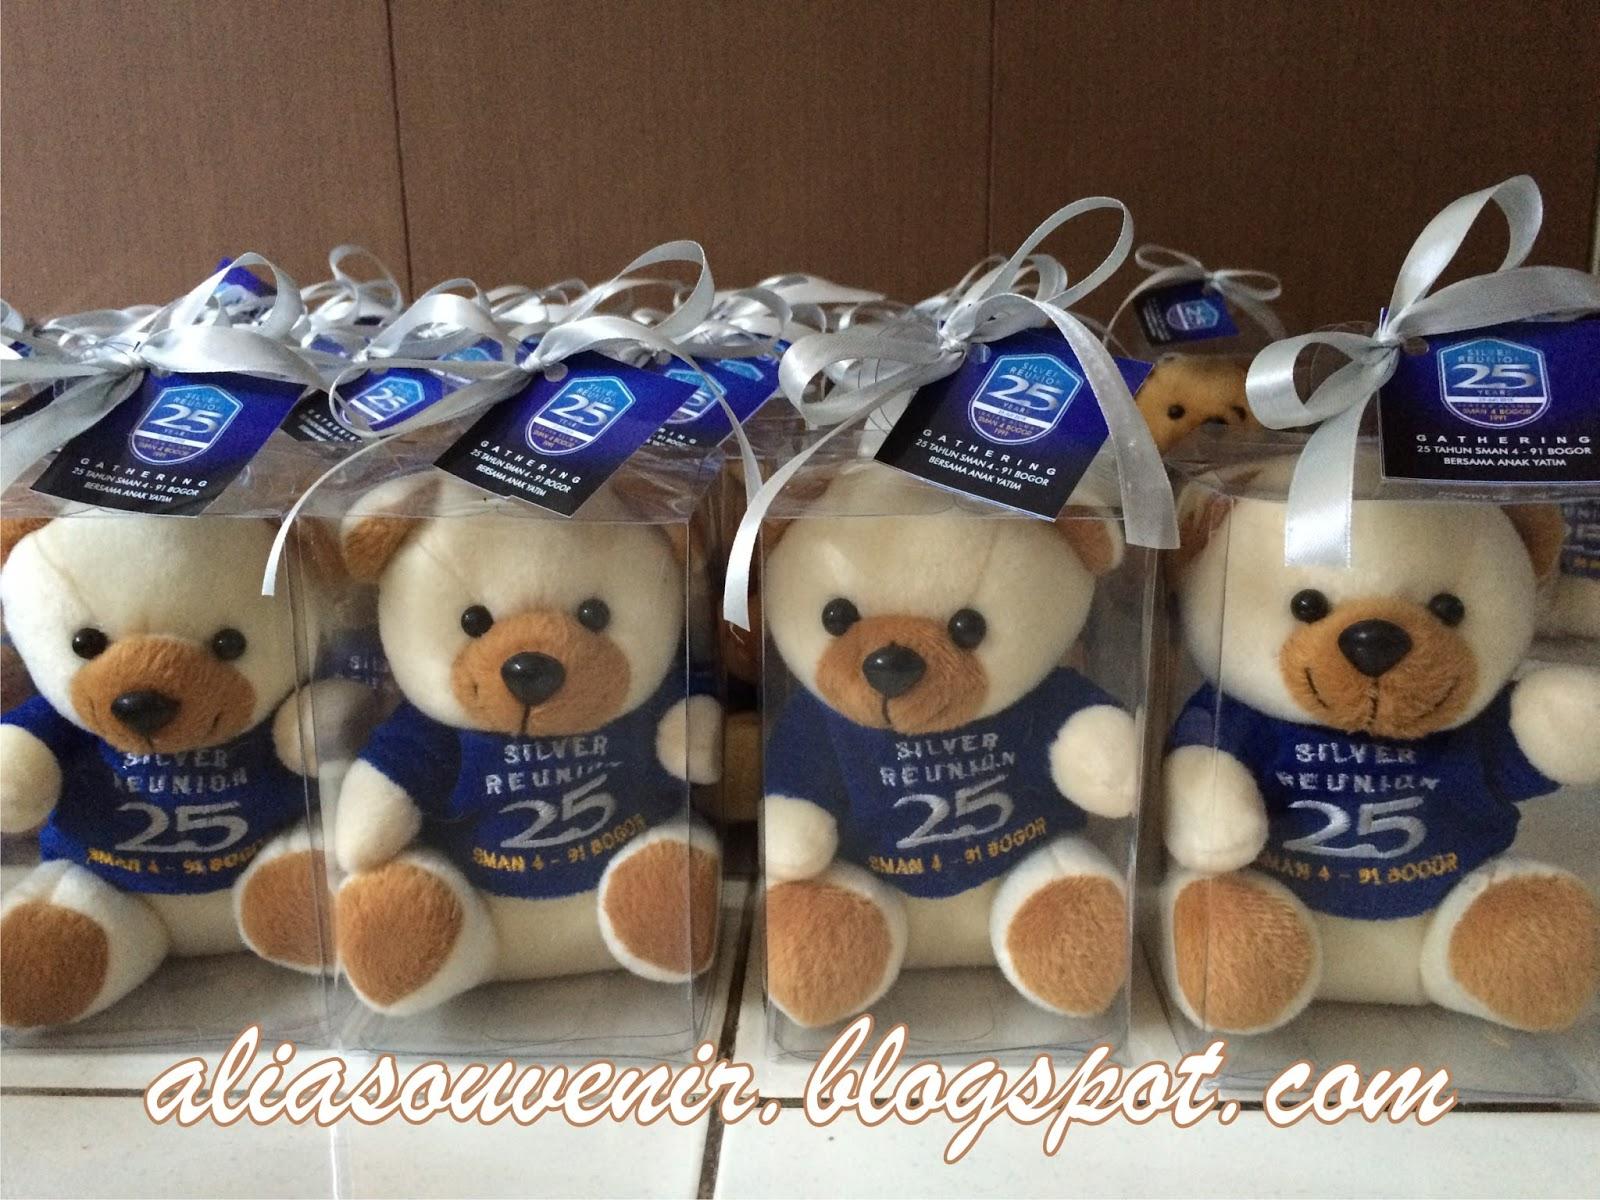 Souvenir Boneka Beruang Warna Putih Ukuran Duduk 15 Cm